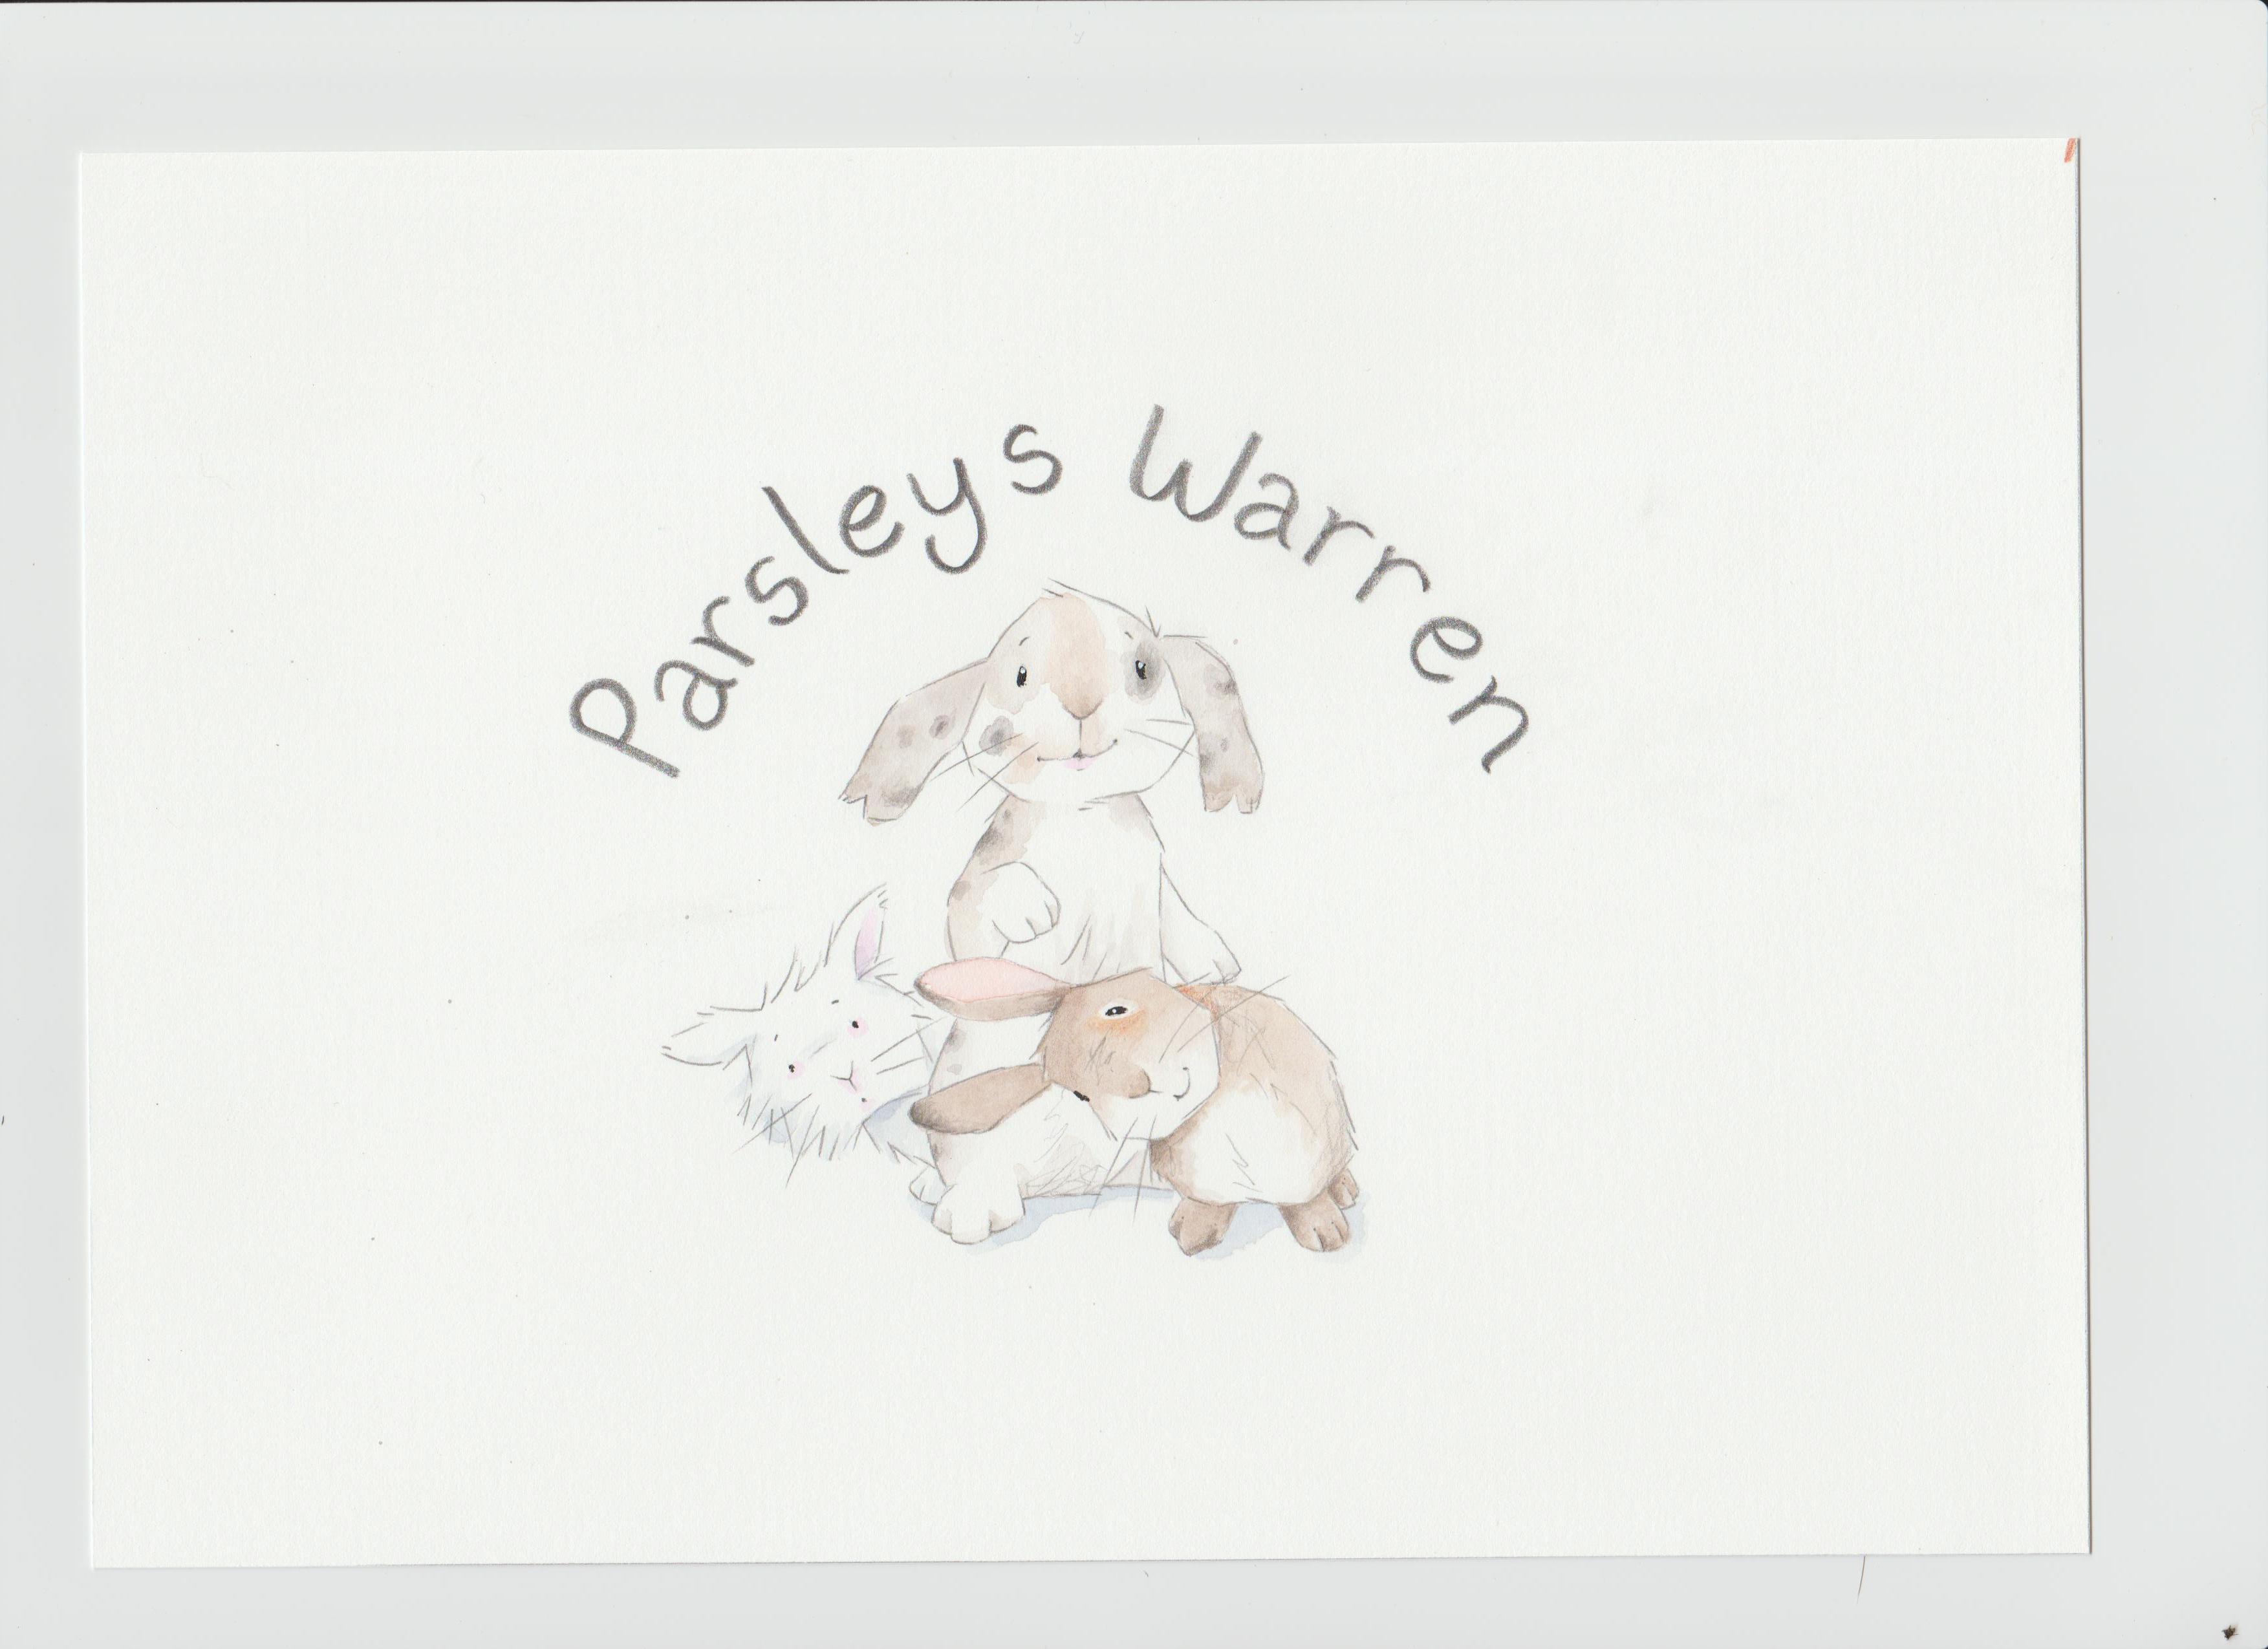 Parsleys Warren